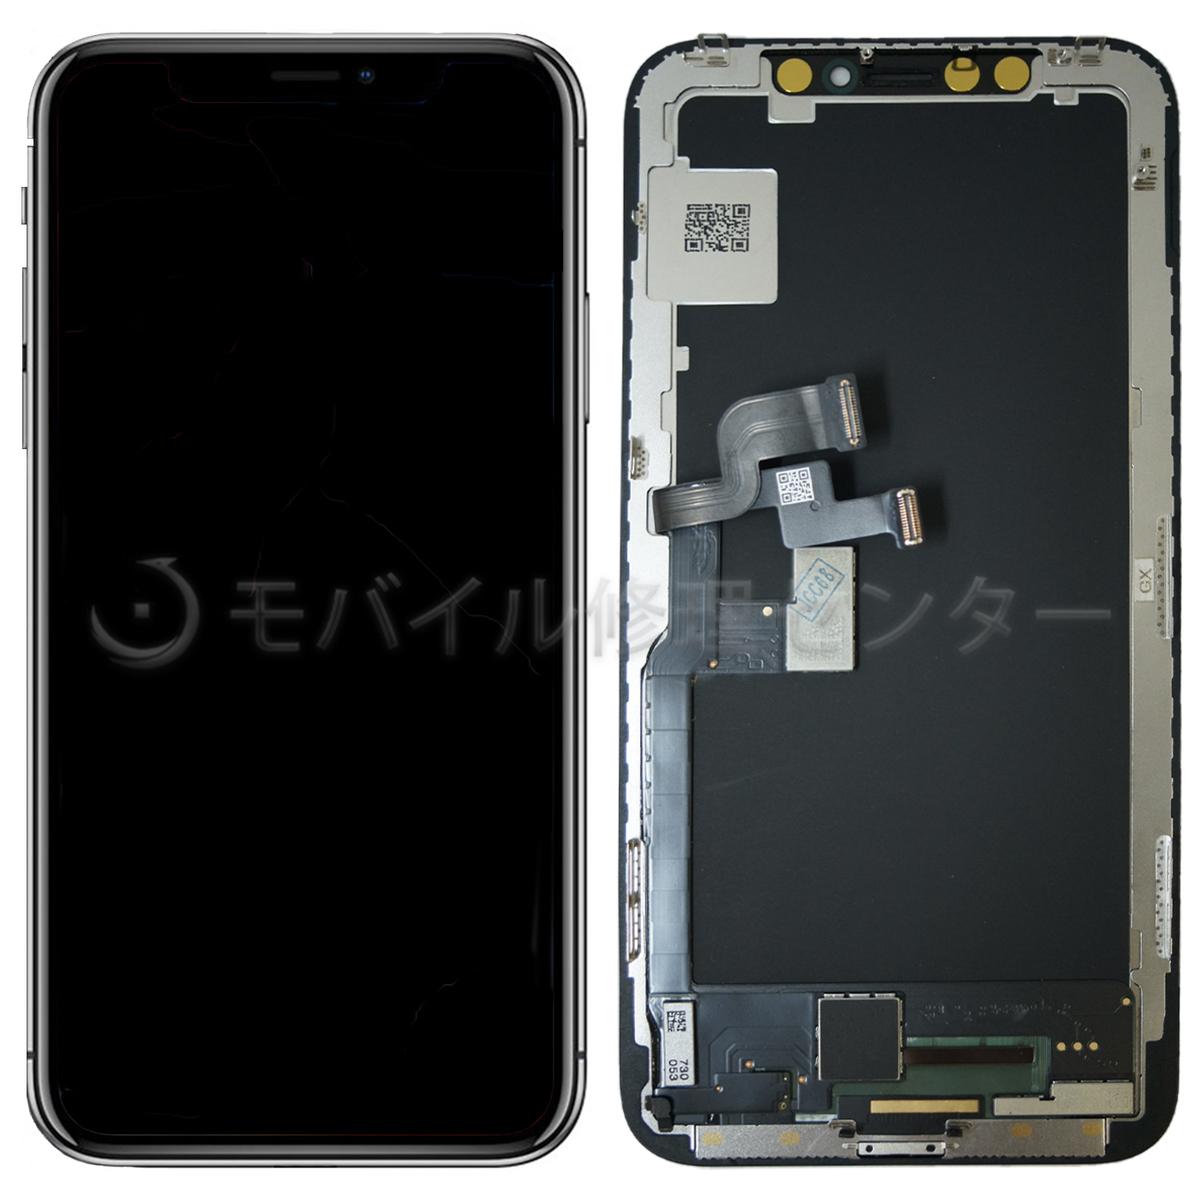 iPhoneXS.maxの液晶交換の際にどうぞ iPhoneX 軟質素材 フロントパネル 液晶パネル ガラスパネル 画面交換 タッチパネル 修理用交換用 日本製 交換パネル デジタイザー 待望